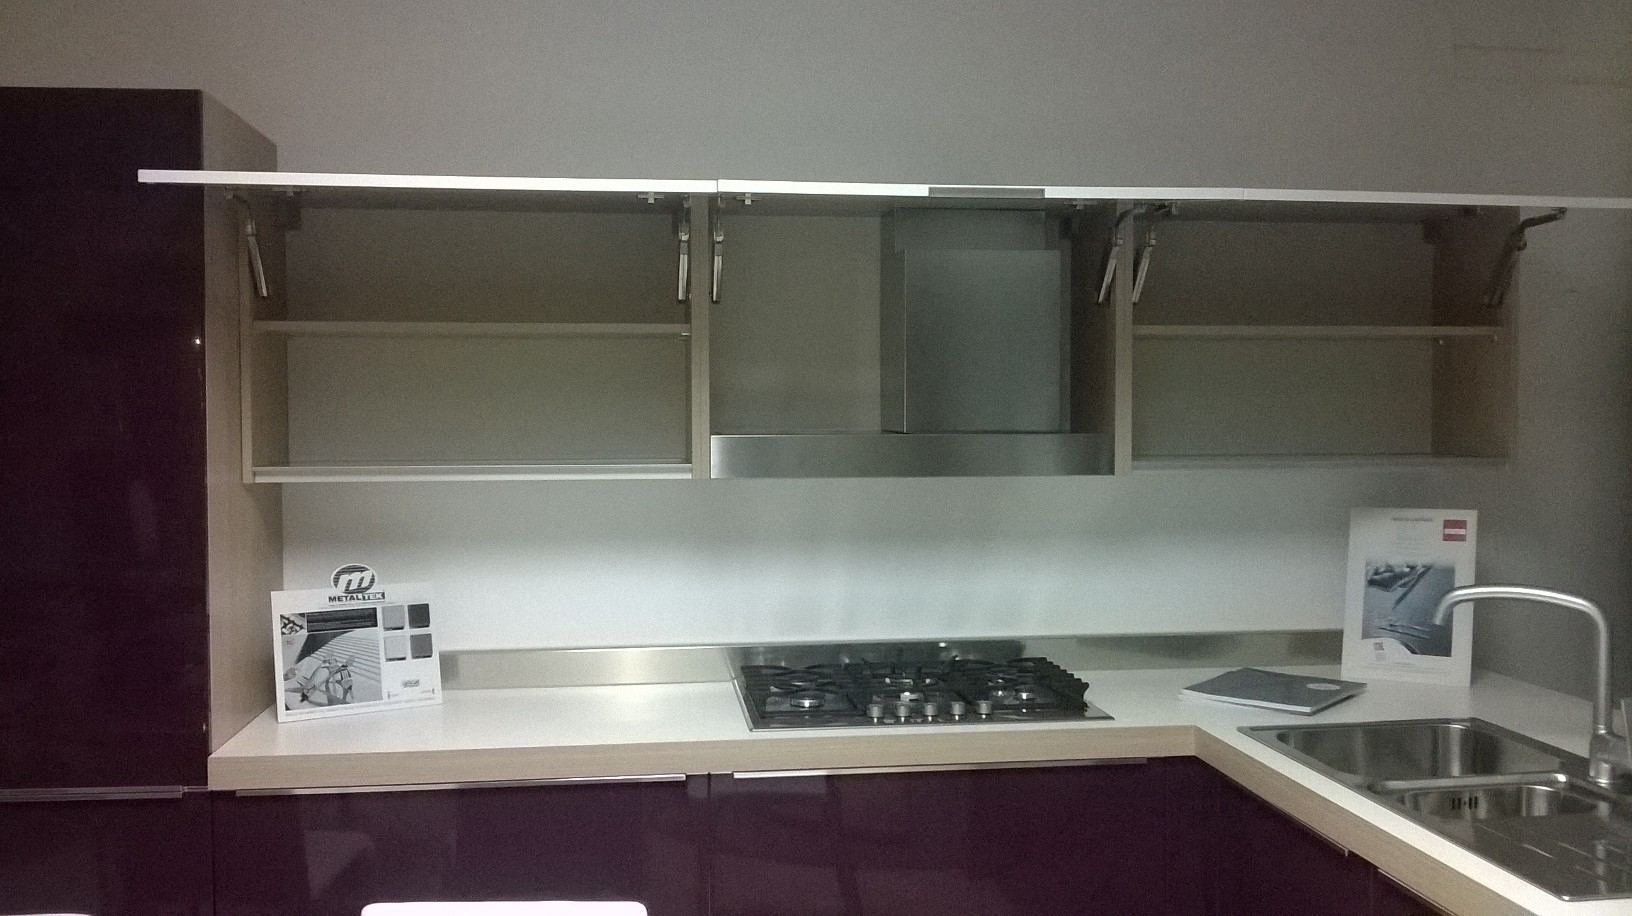 Vendita Promozionale Cucina Con Penisola Record Cucine Moderna  #736858 1632 916 Top Cucina Laminato Pro E Contro